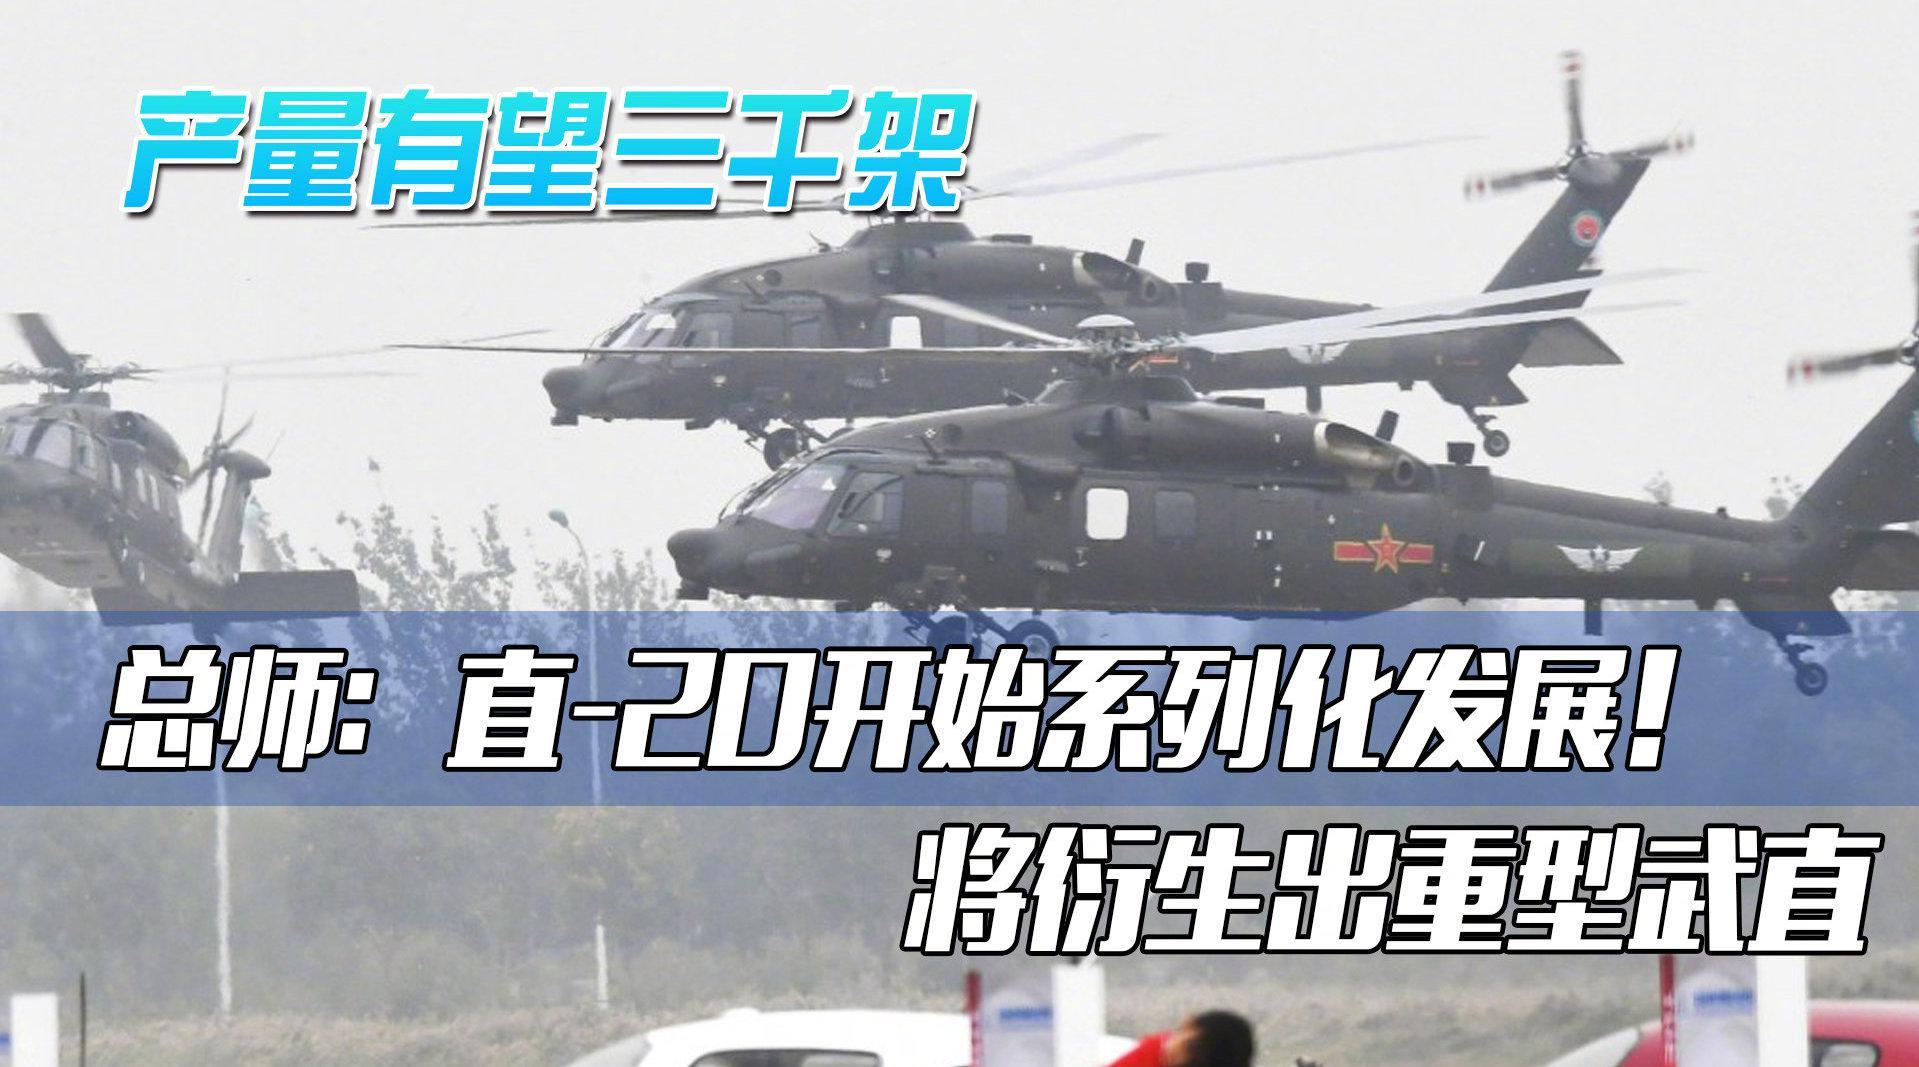 总师:直-20开始系列化发展!产量有望三千架,将衍生出重型武直